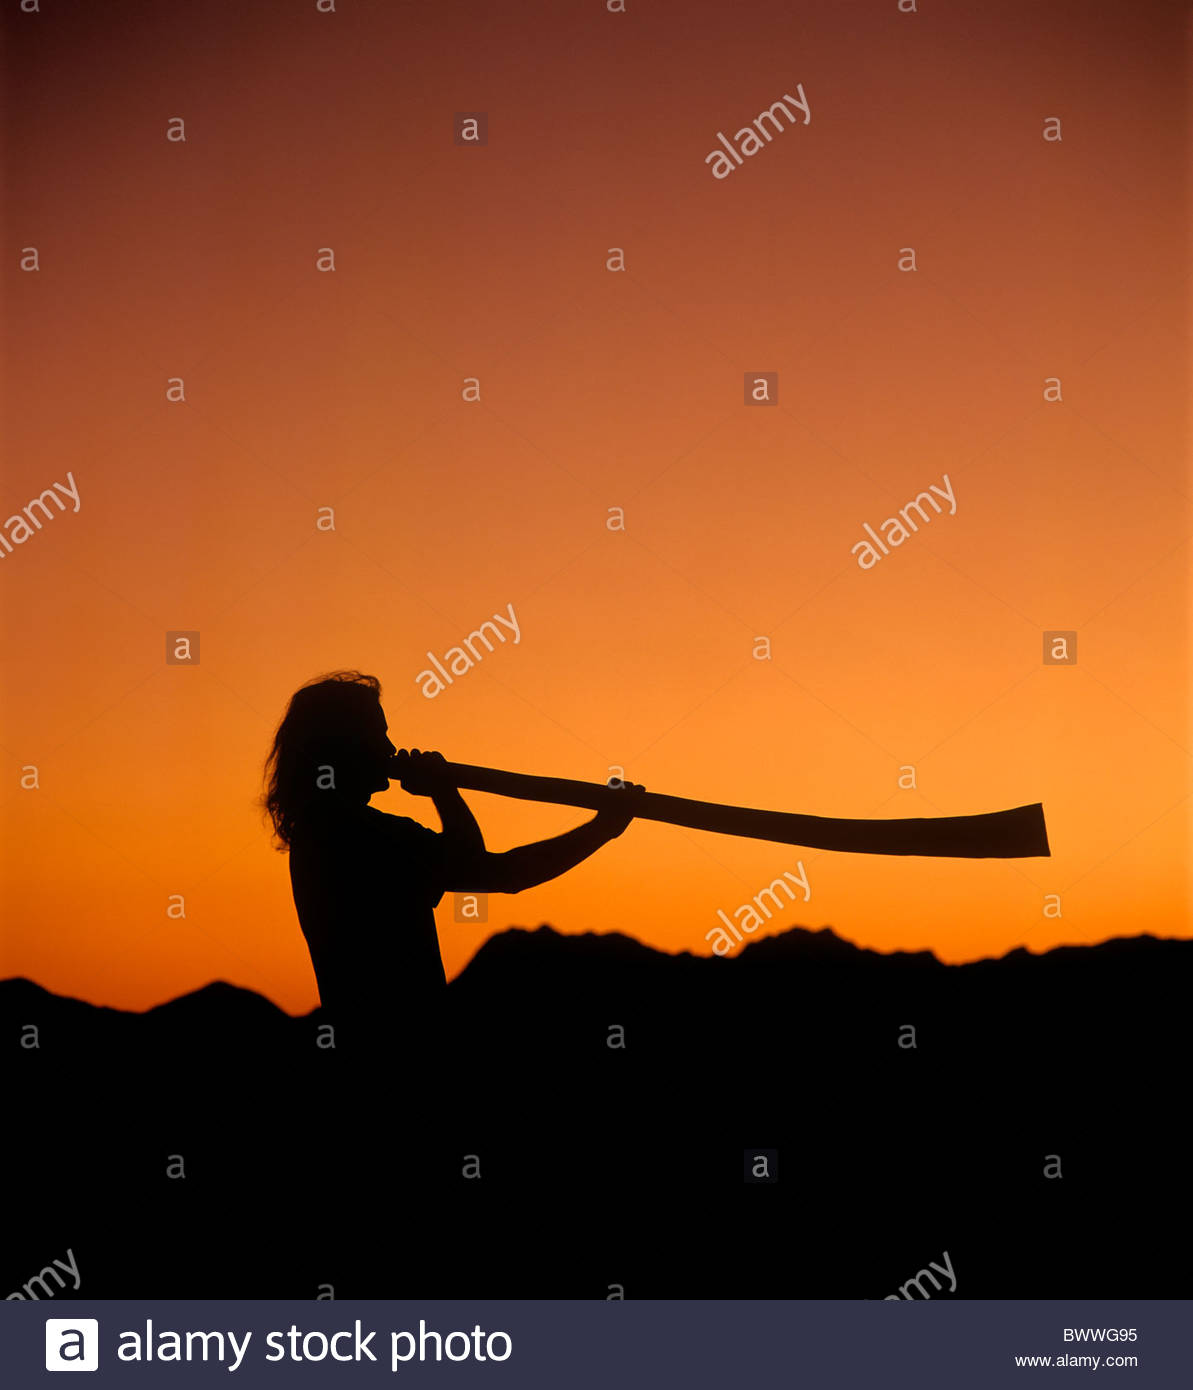 L'uomo gioca un didgeridoo al tramonto con le montagne di Tucson in silhouette di sfondo arancione e nero Immagini Stock